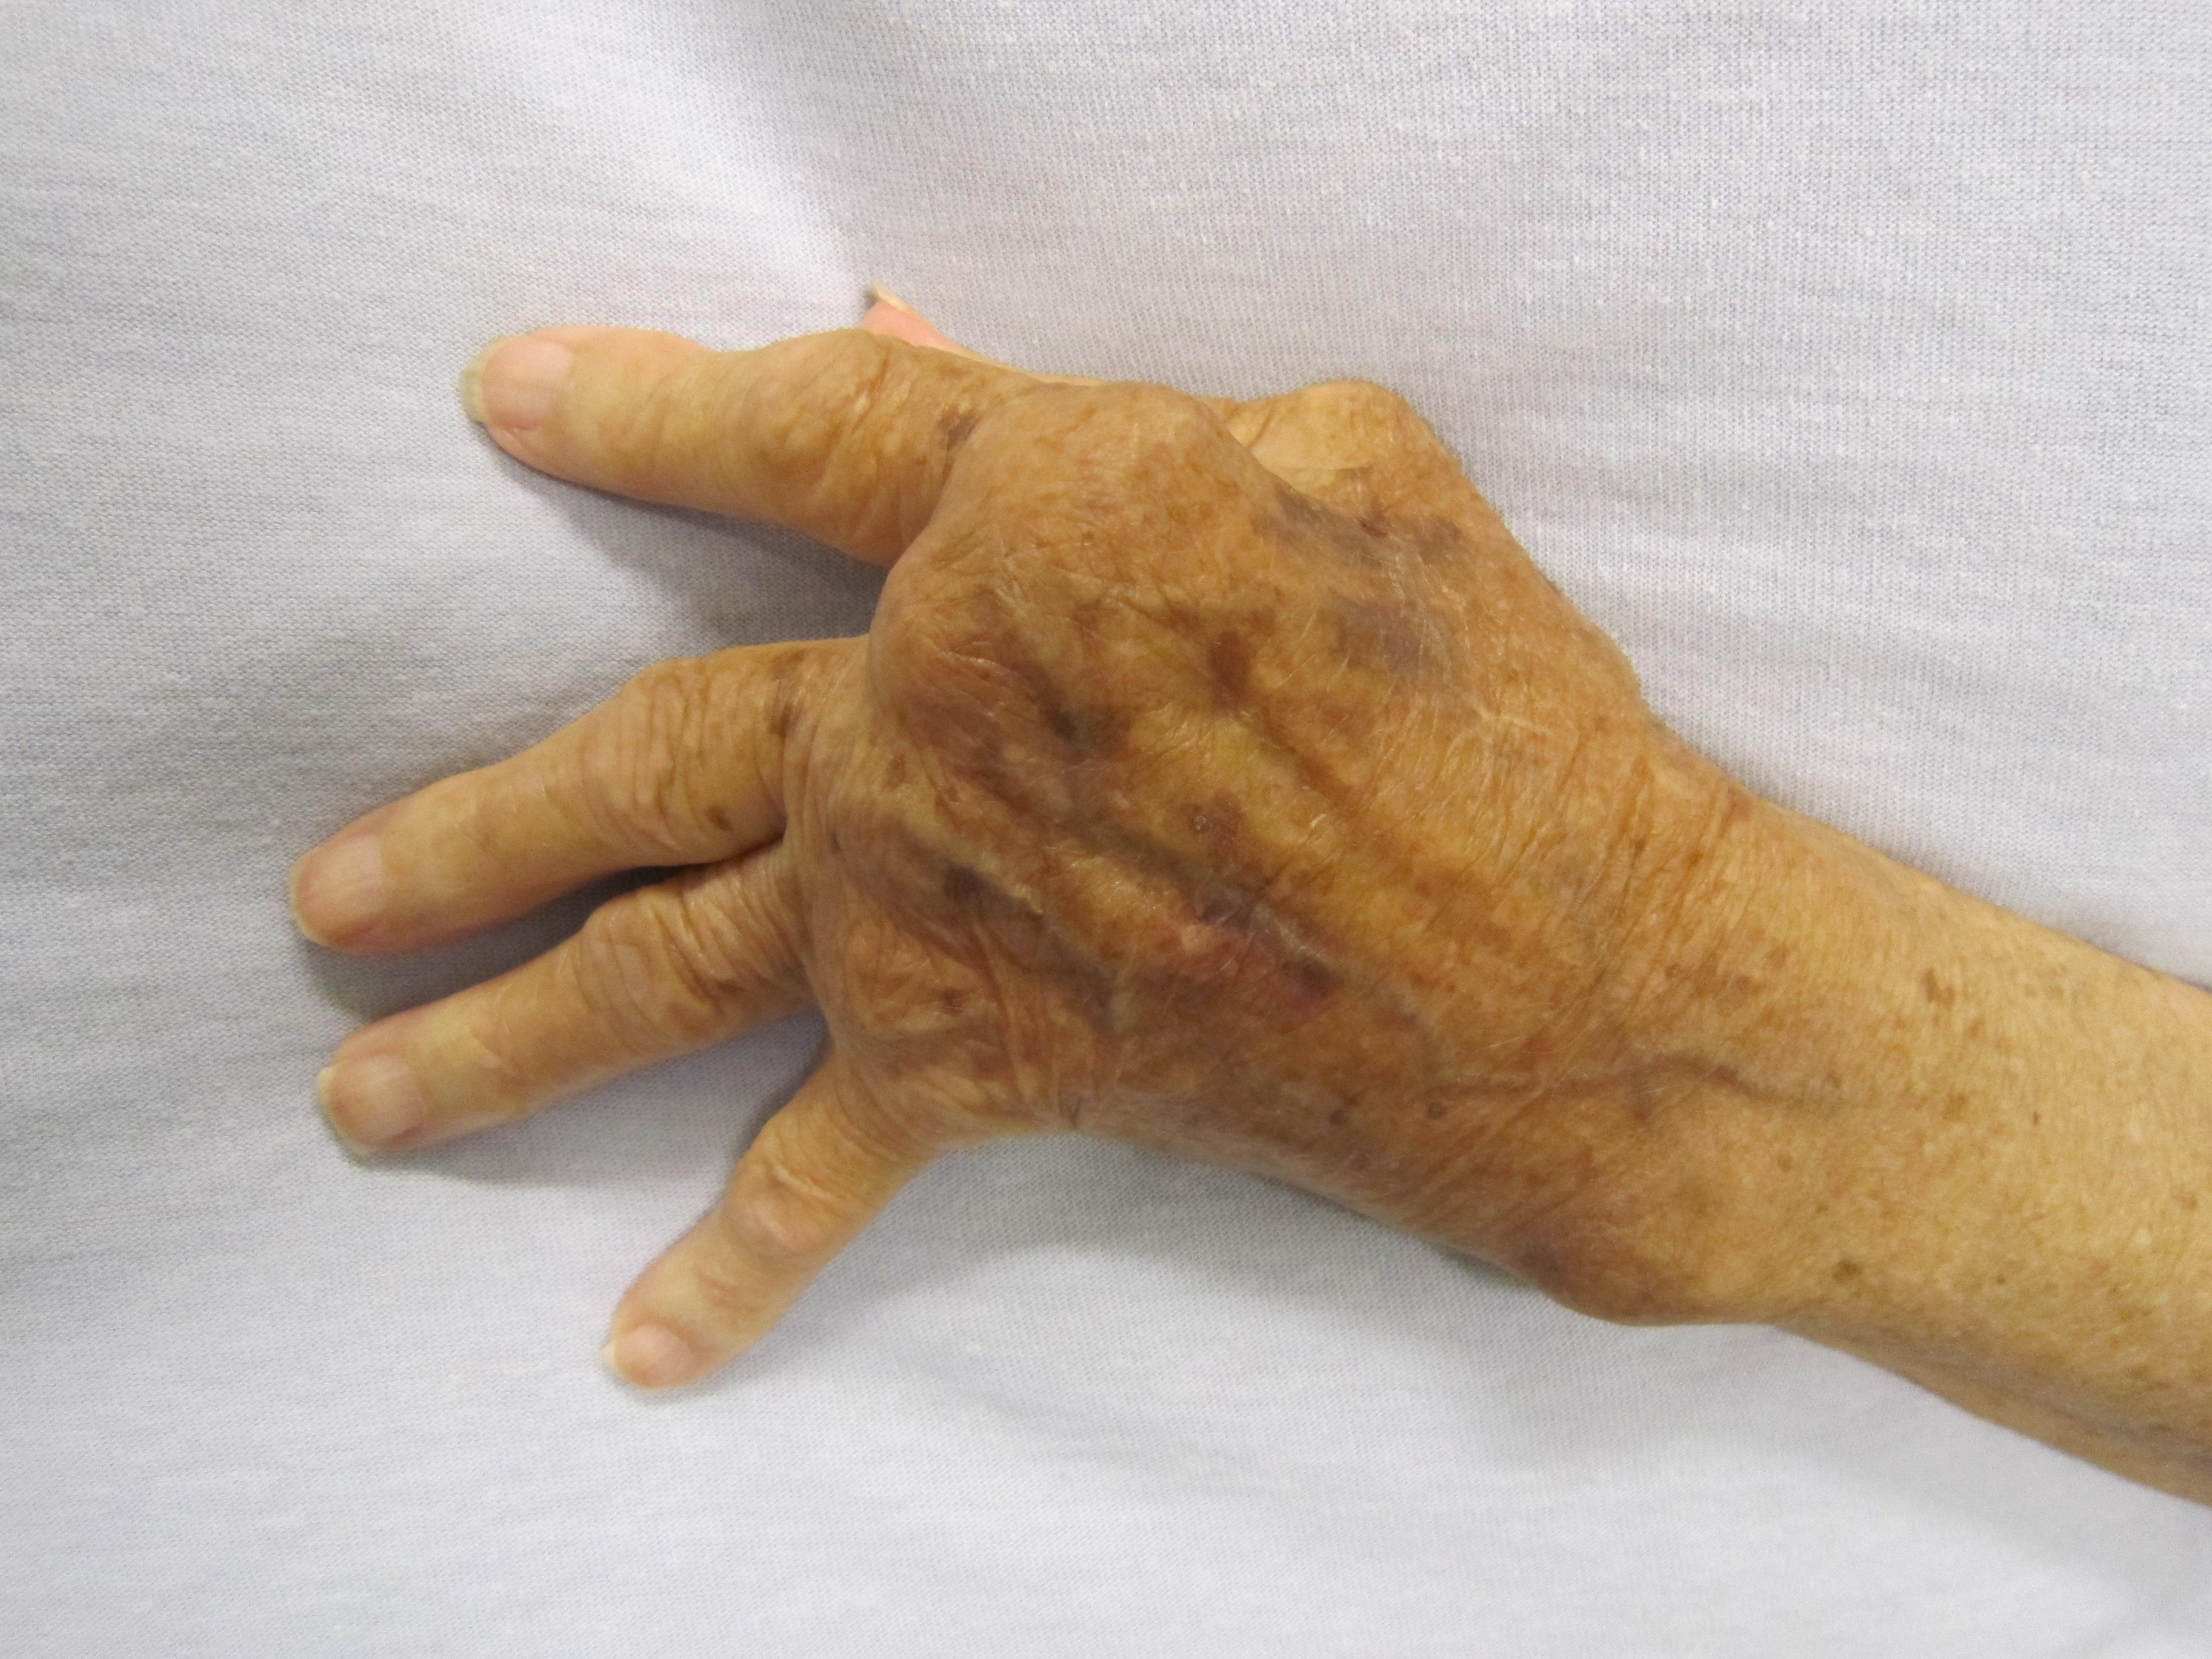 a csukló artrózisának mértéke sulyos derékfájás